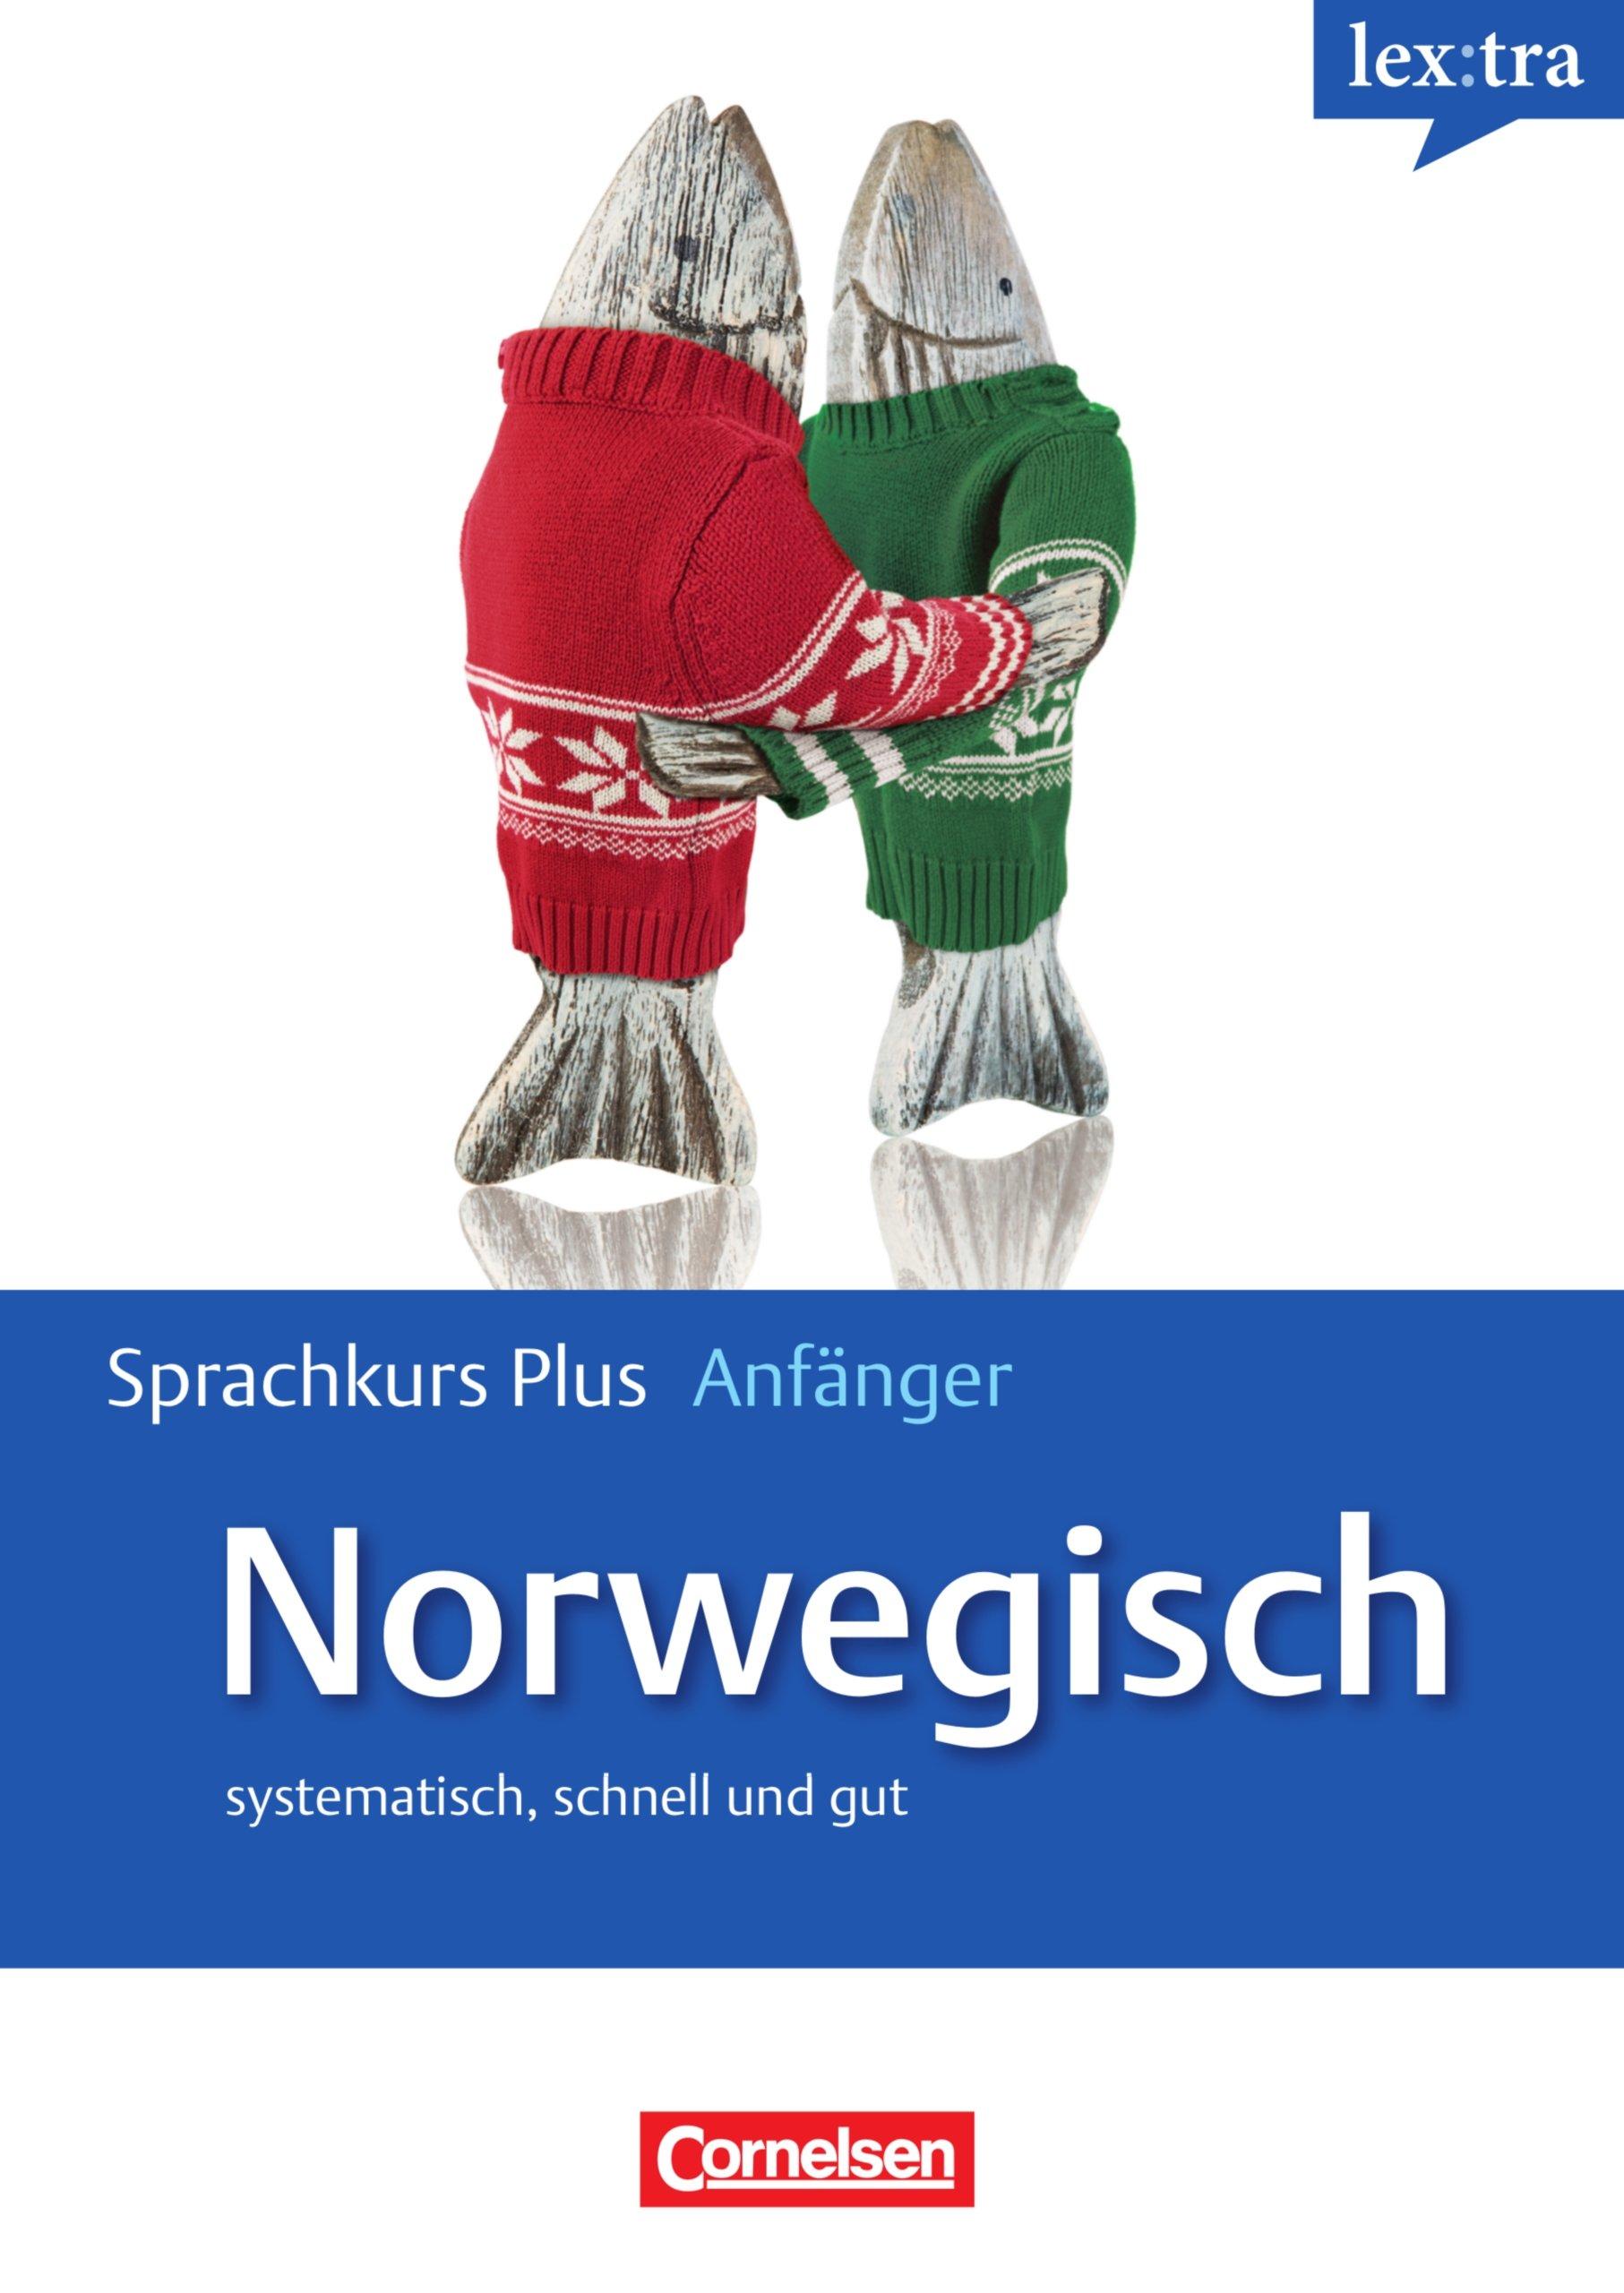 Lextra - Norwegisch - Sprachkurs Plus: Anfänger: A1-A2 - Selbstlernbuch mit CDs und kostenlosem MP3-Download